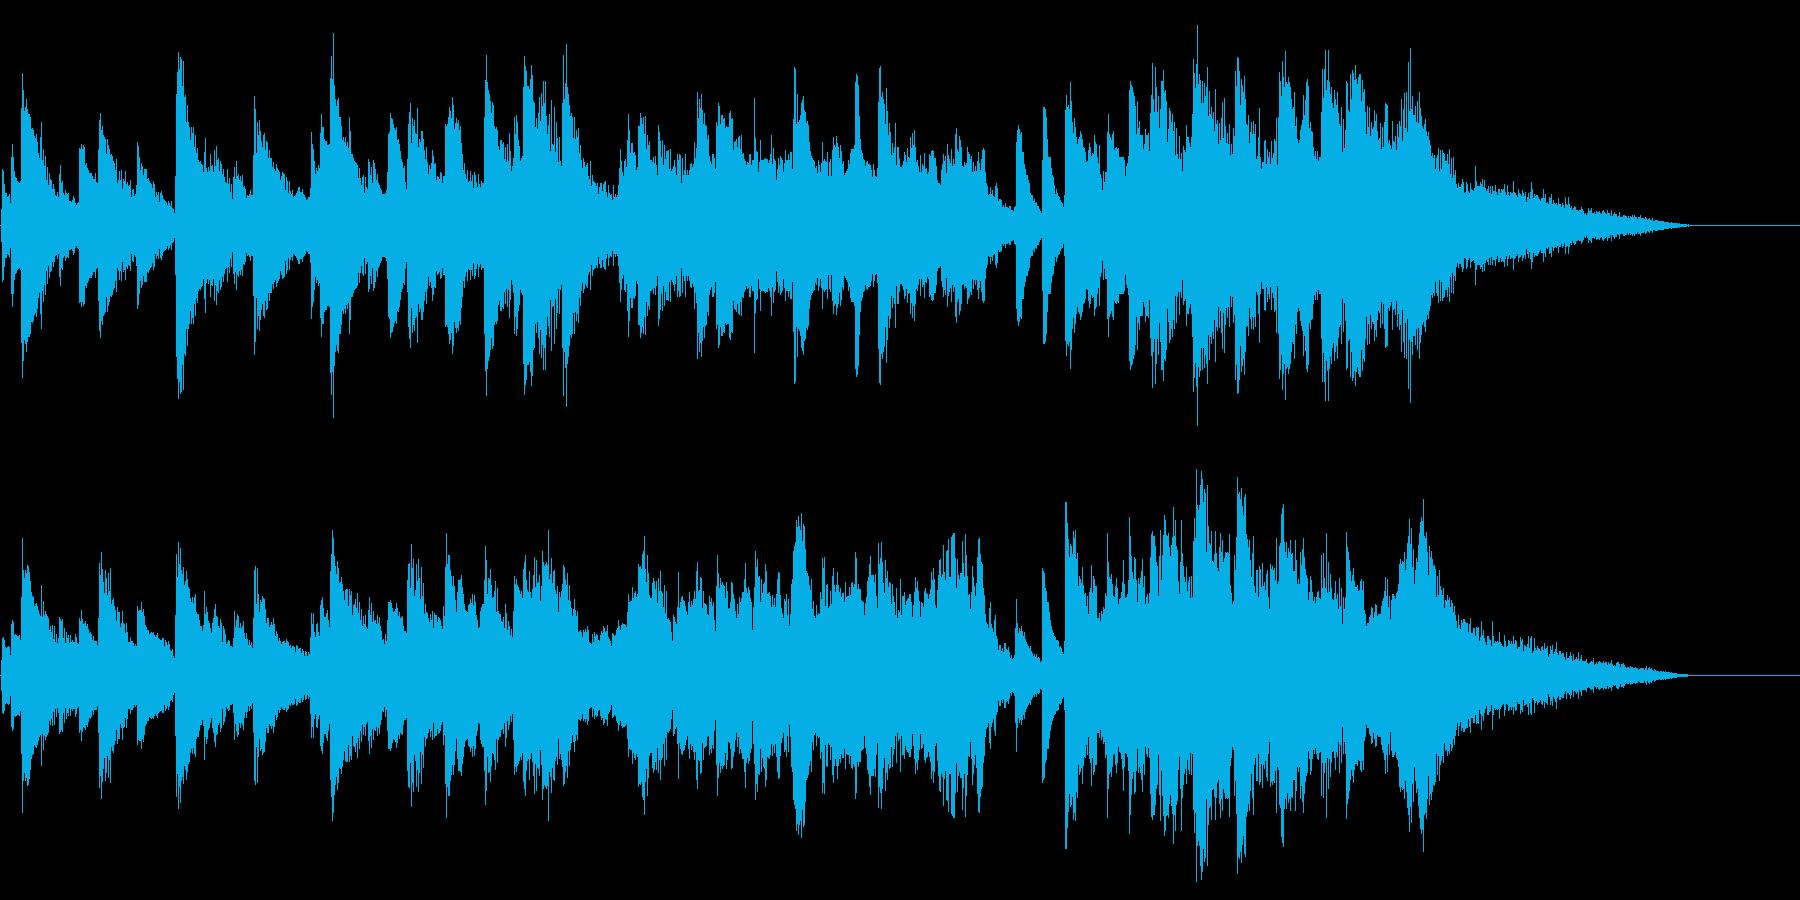 子どもの誕生日を祝ったピアノ曲2の再生済みの波形